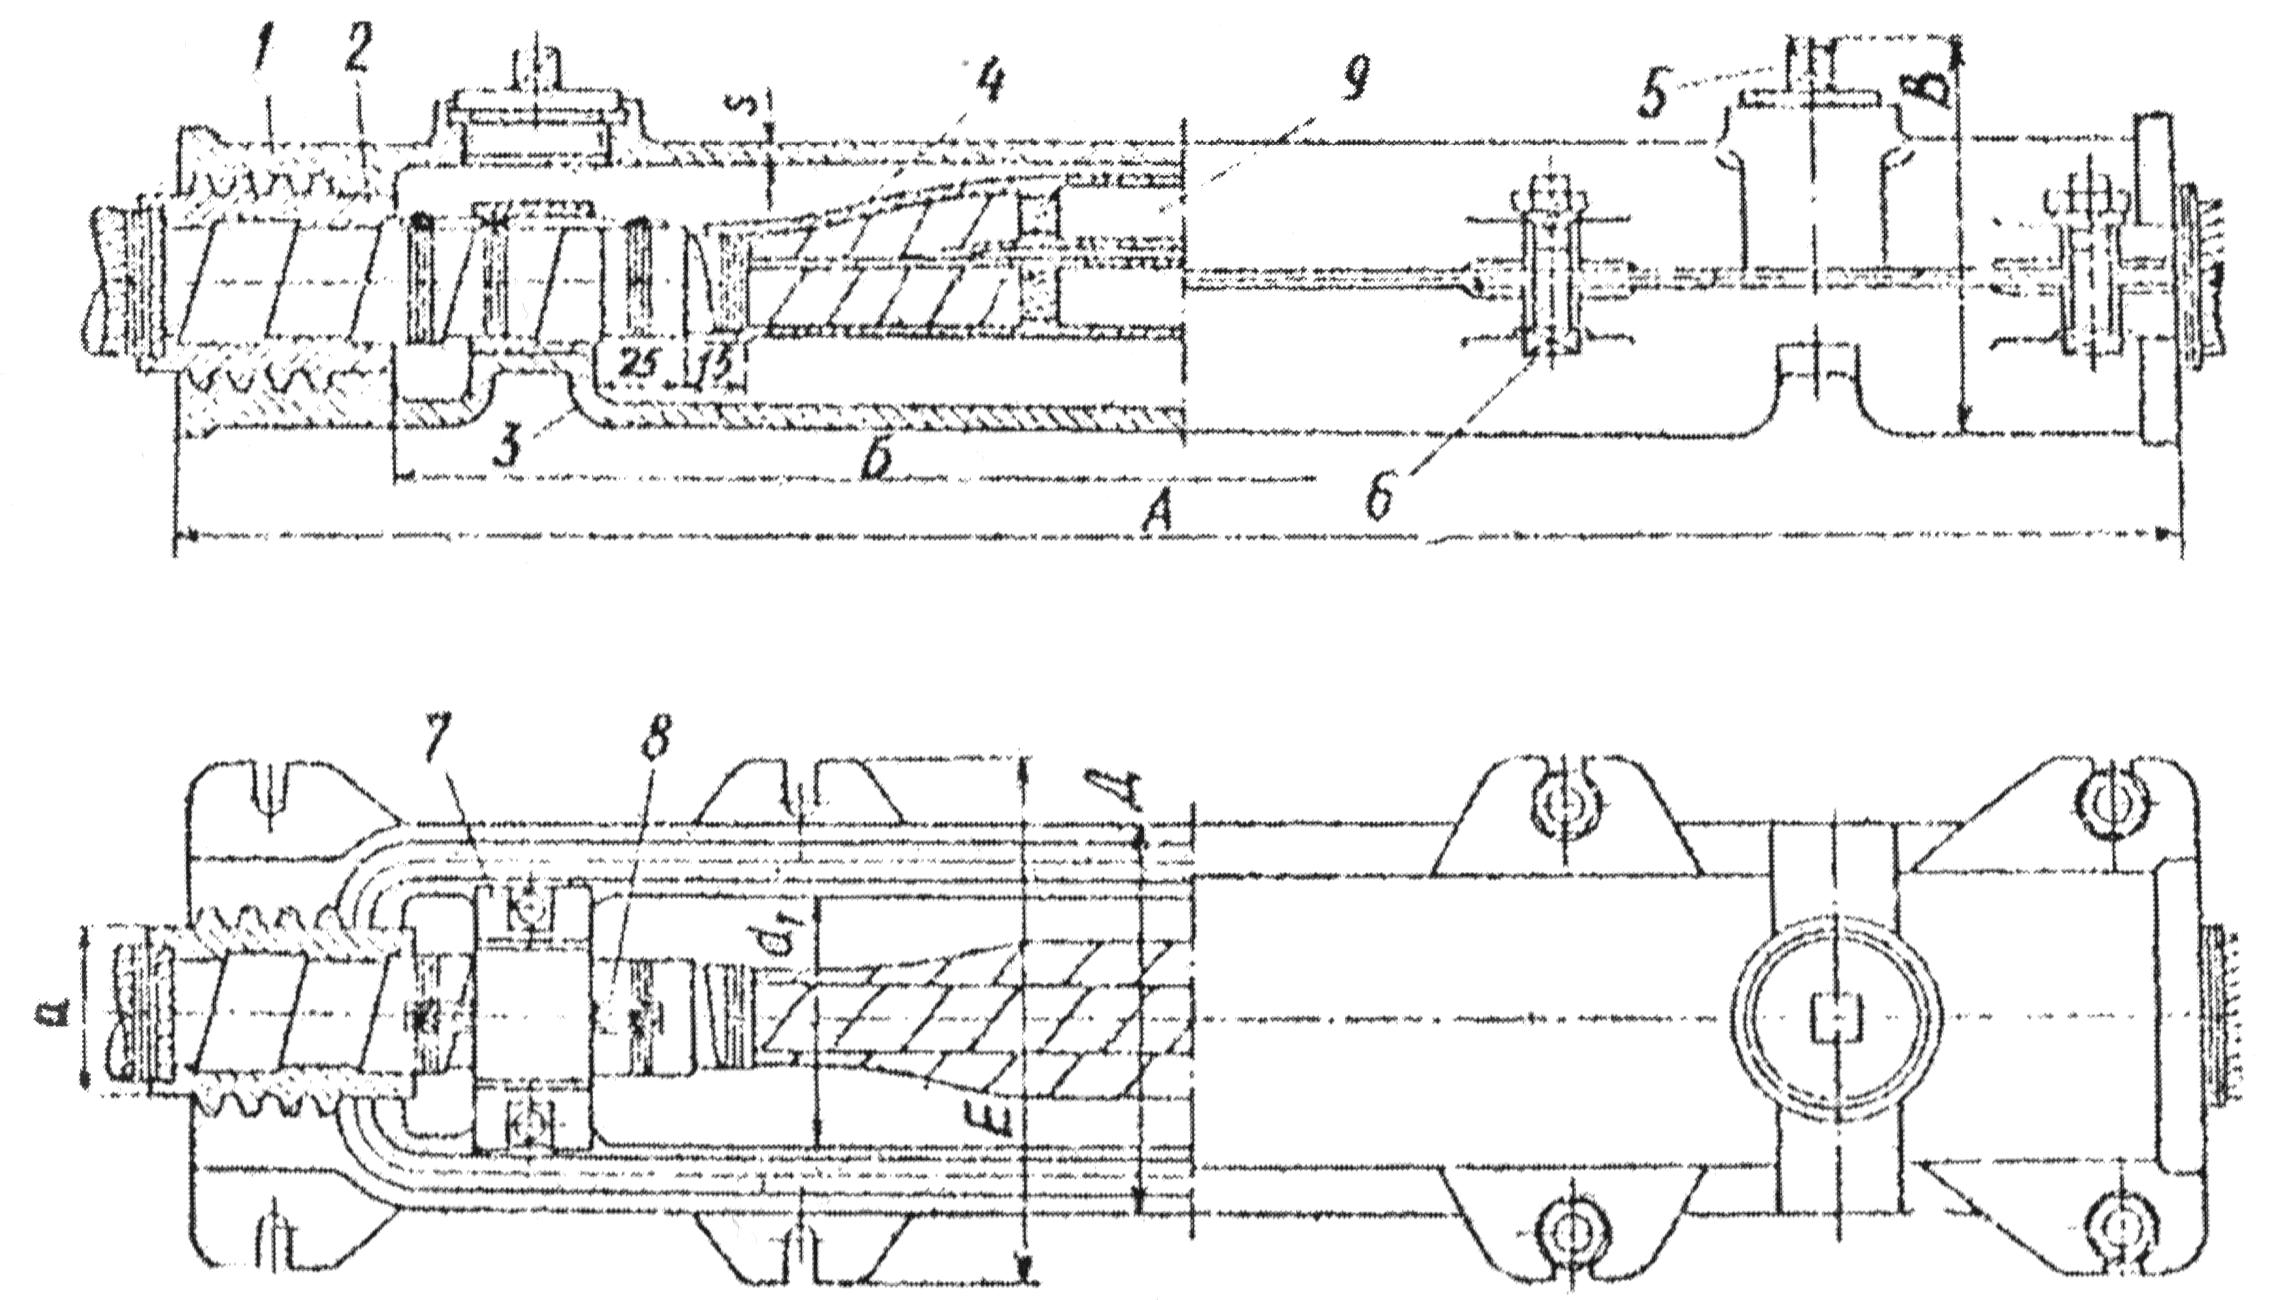 Соединительная малогабаритная муфта типа СЧм на напряжение 1 кВ